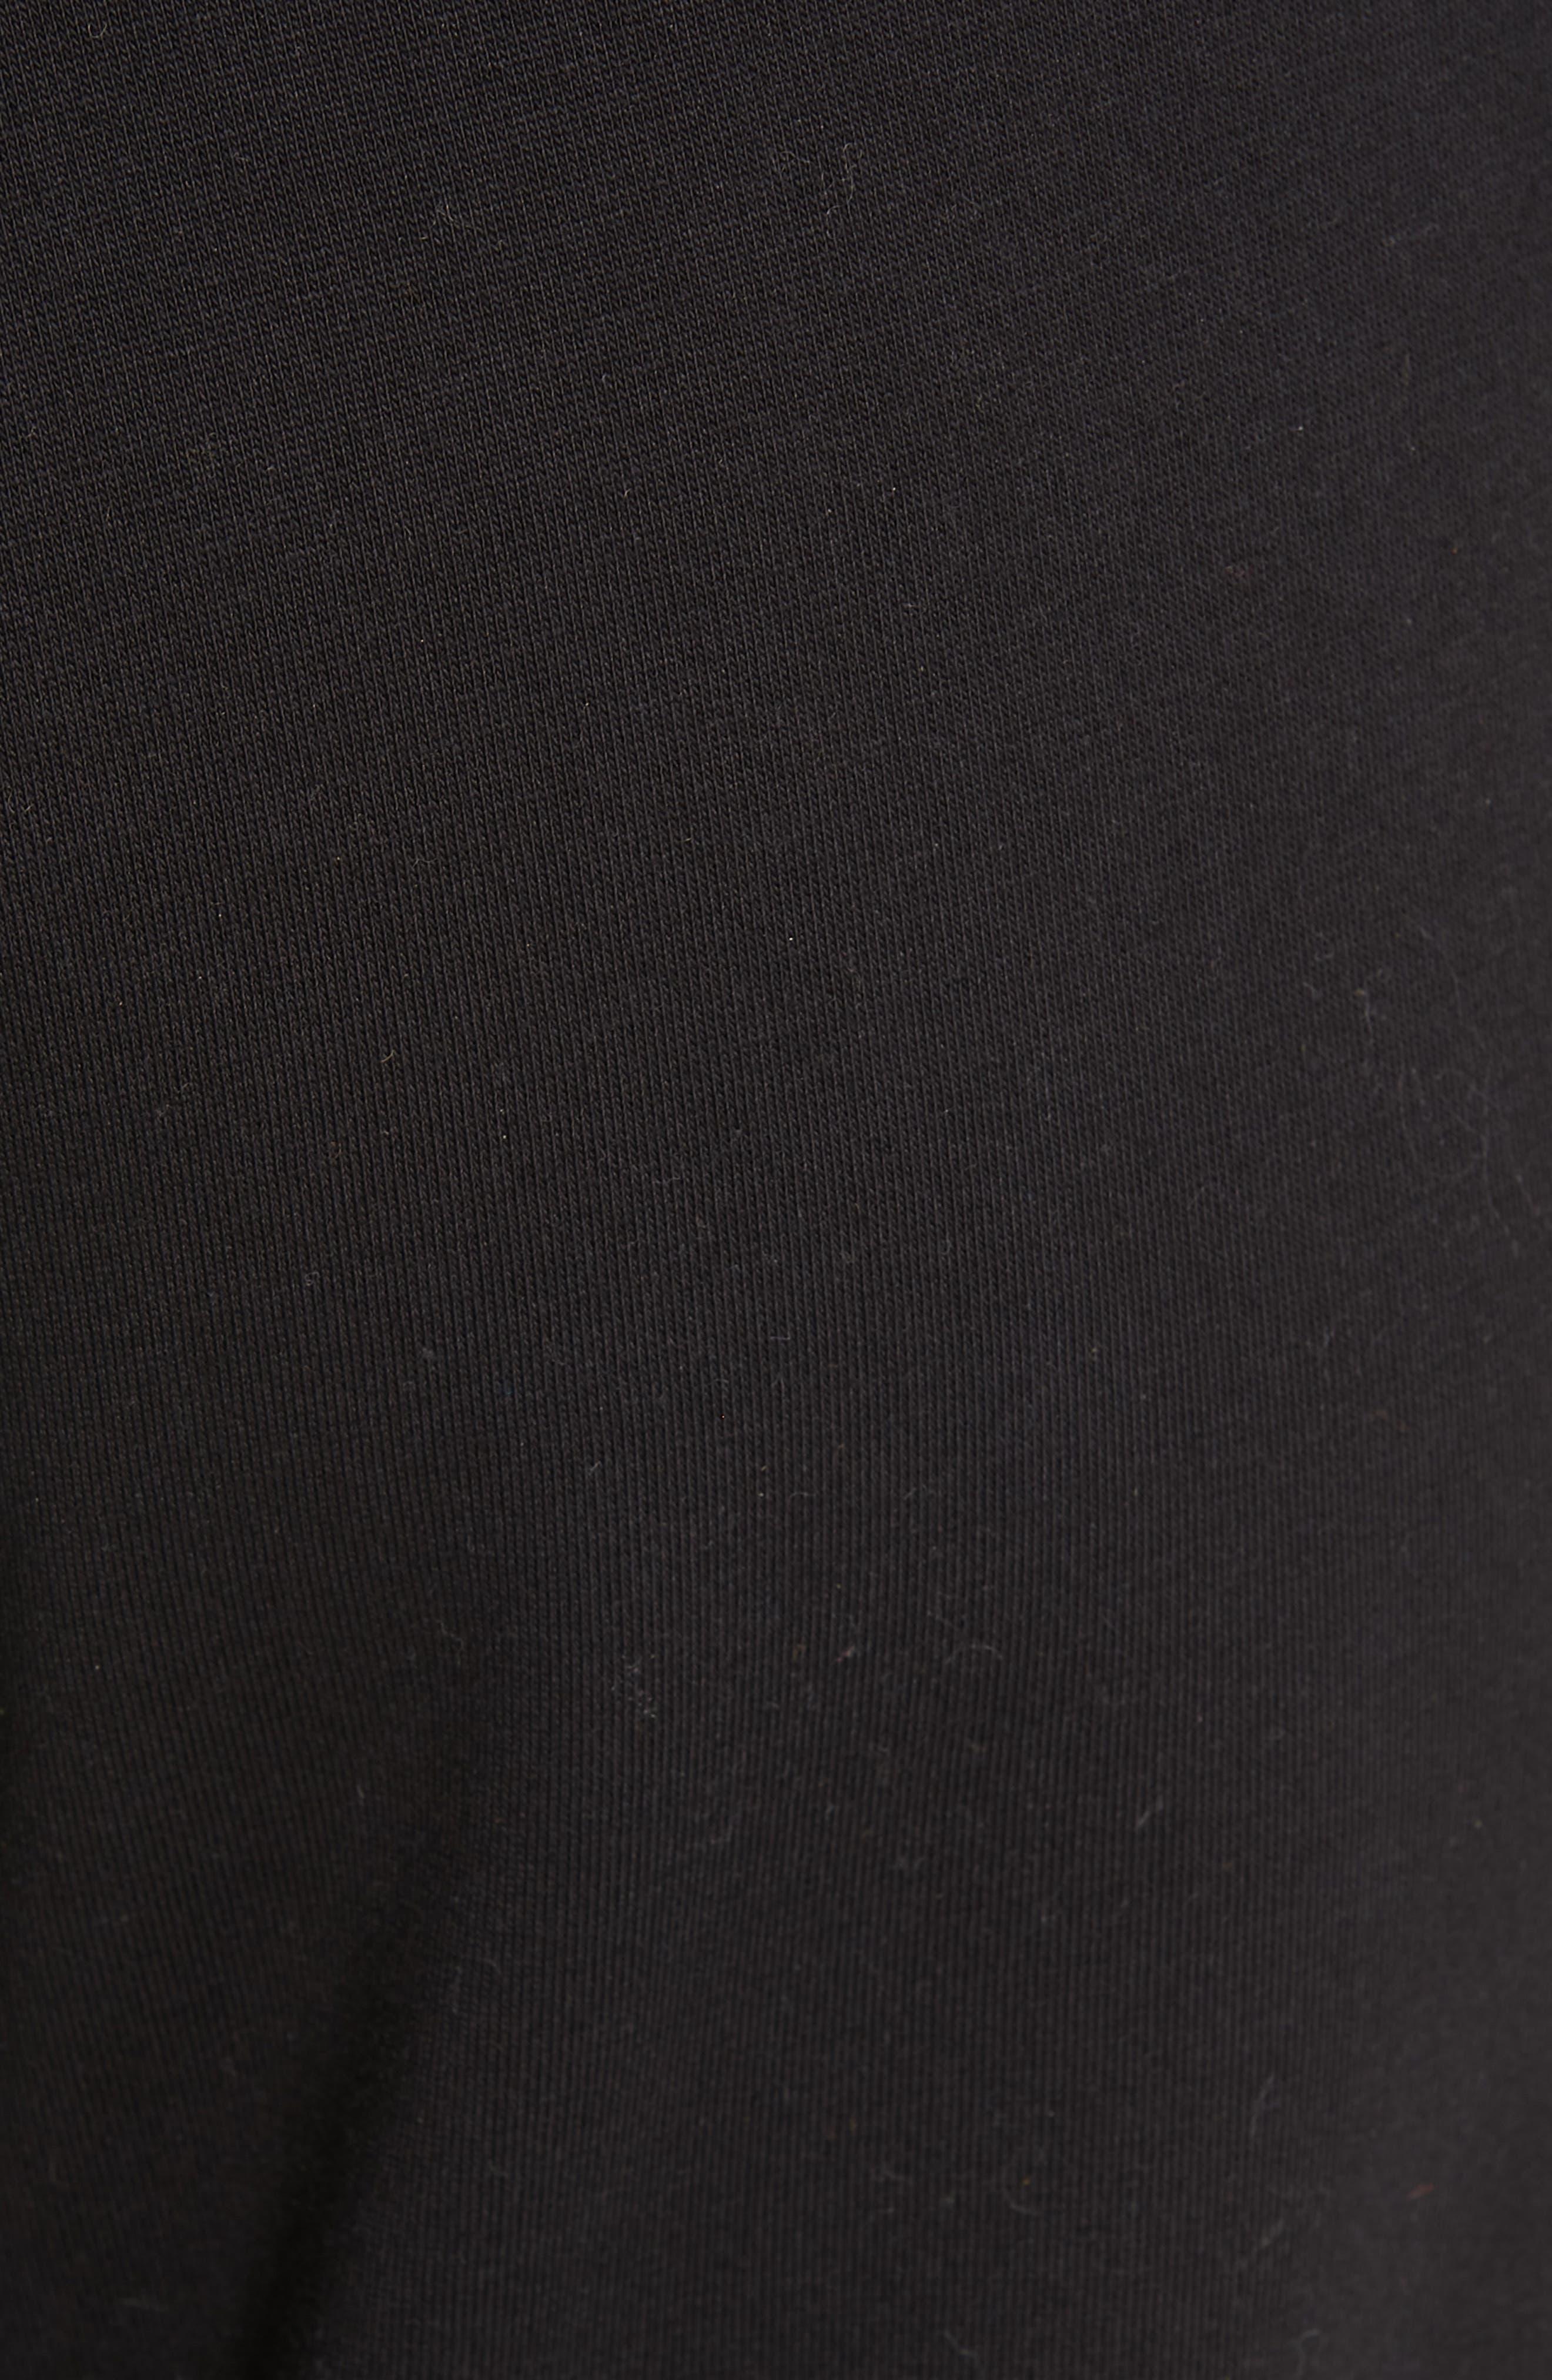 FENDI,                             x FILA Mania Logo Jersey Track Pants,                             Alternate thumbnail 5, color,                             BLACK